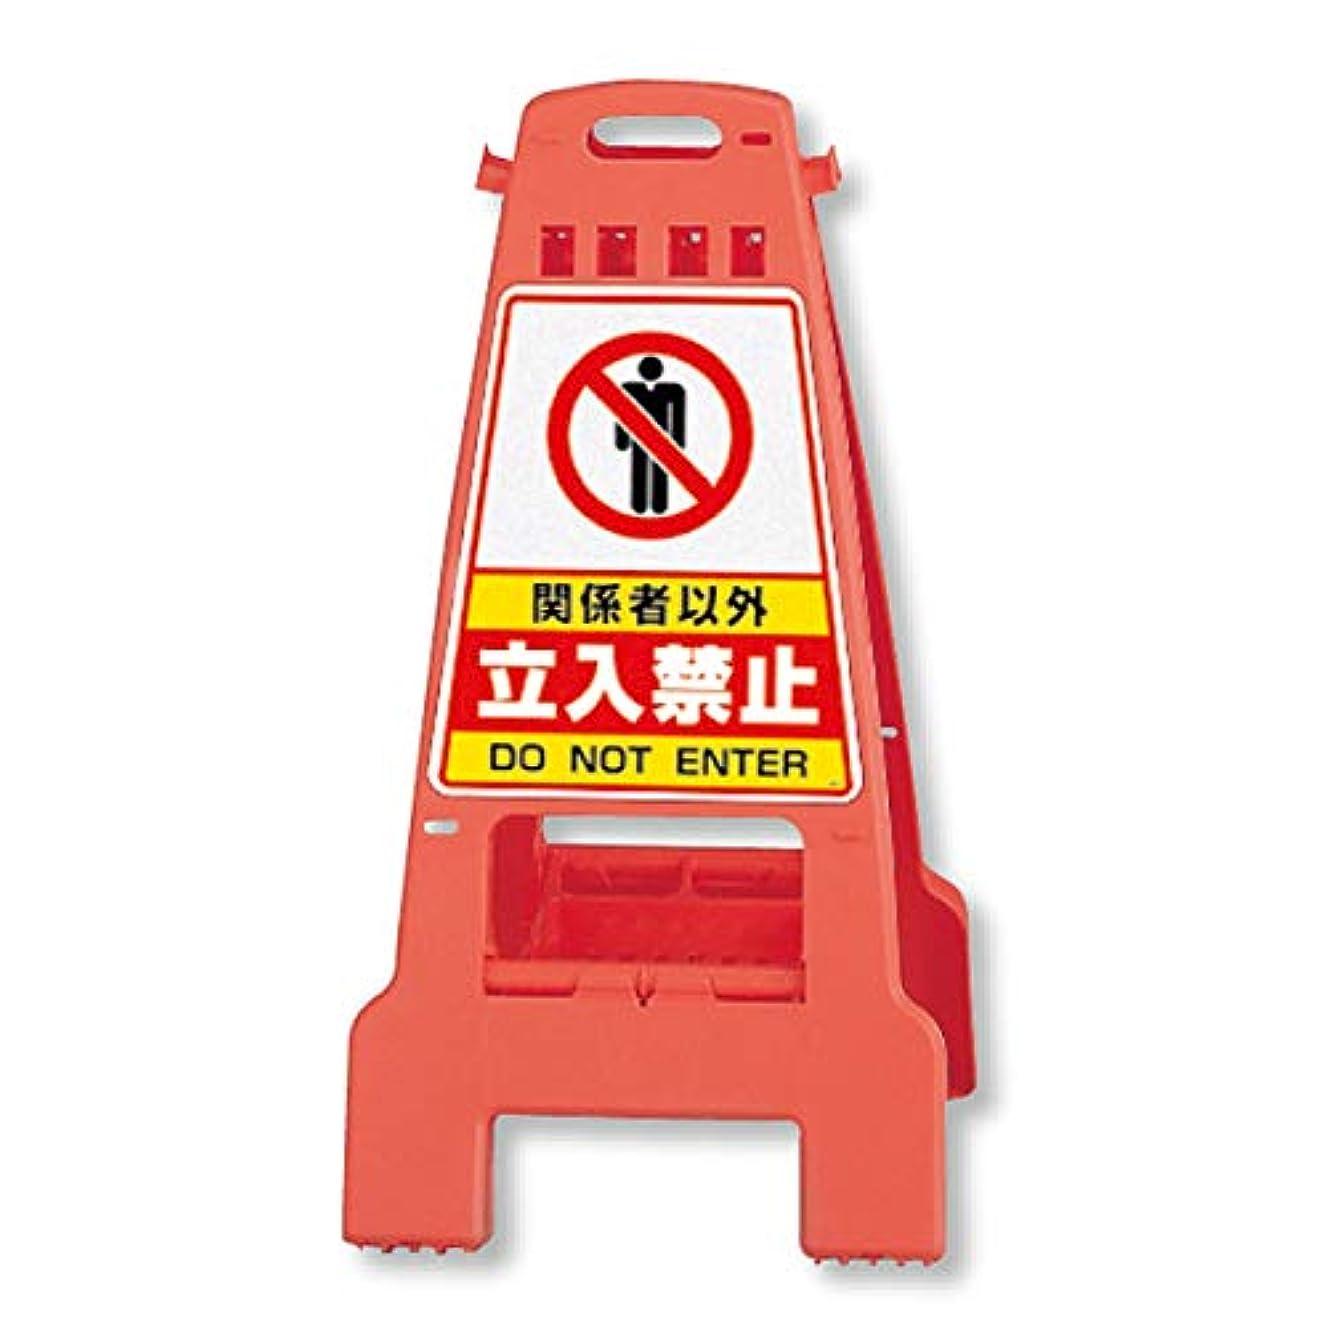 欠如安価なピボットユニット カンパリ 屋外用 オレンジ 関係者以外立入禁止 868-52 10台